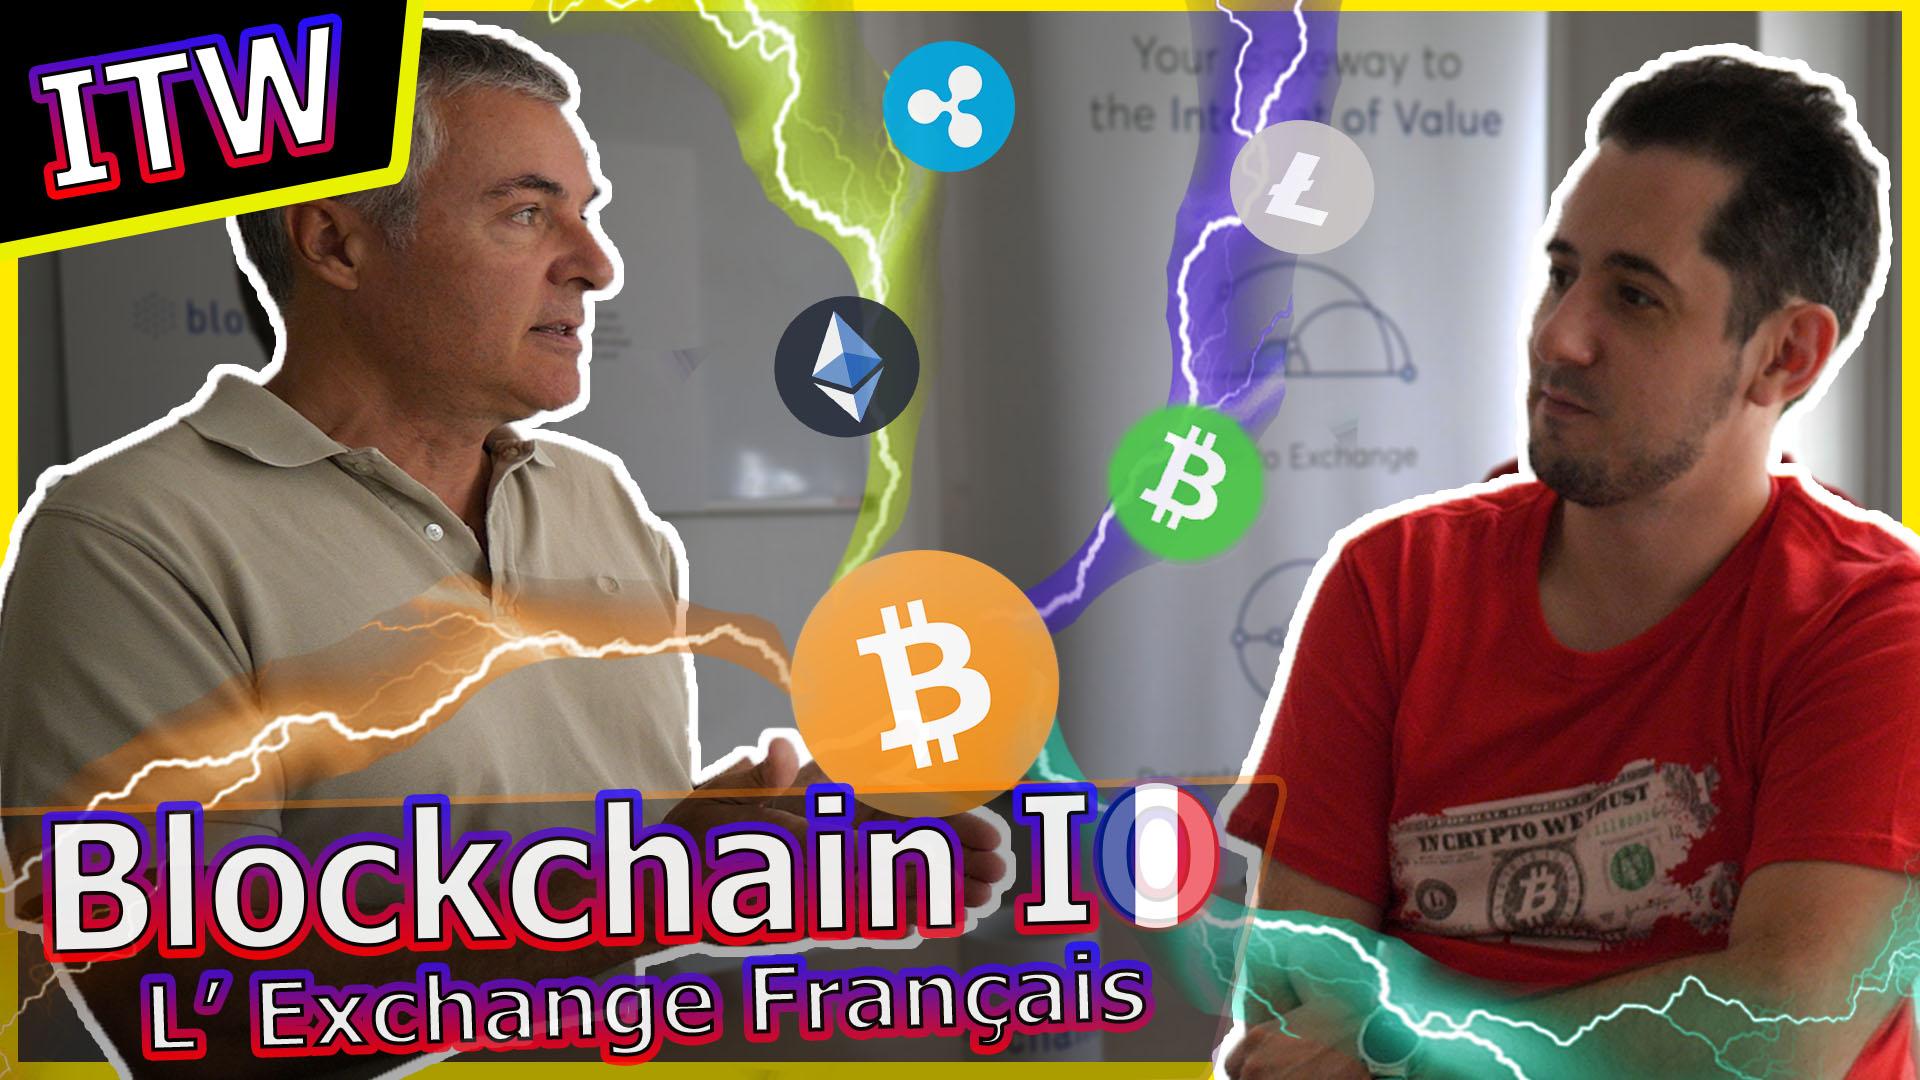 Blockchain.io : Le Nouveau Crypto-Exchange Made In France avec Pierre Noizat